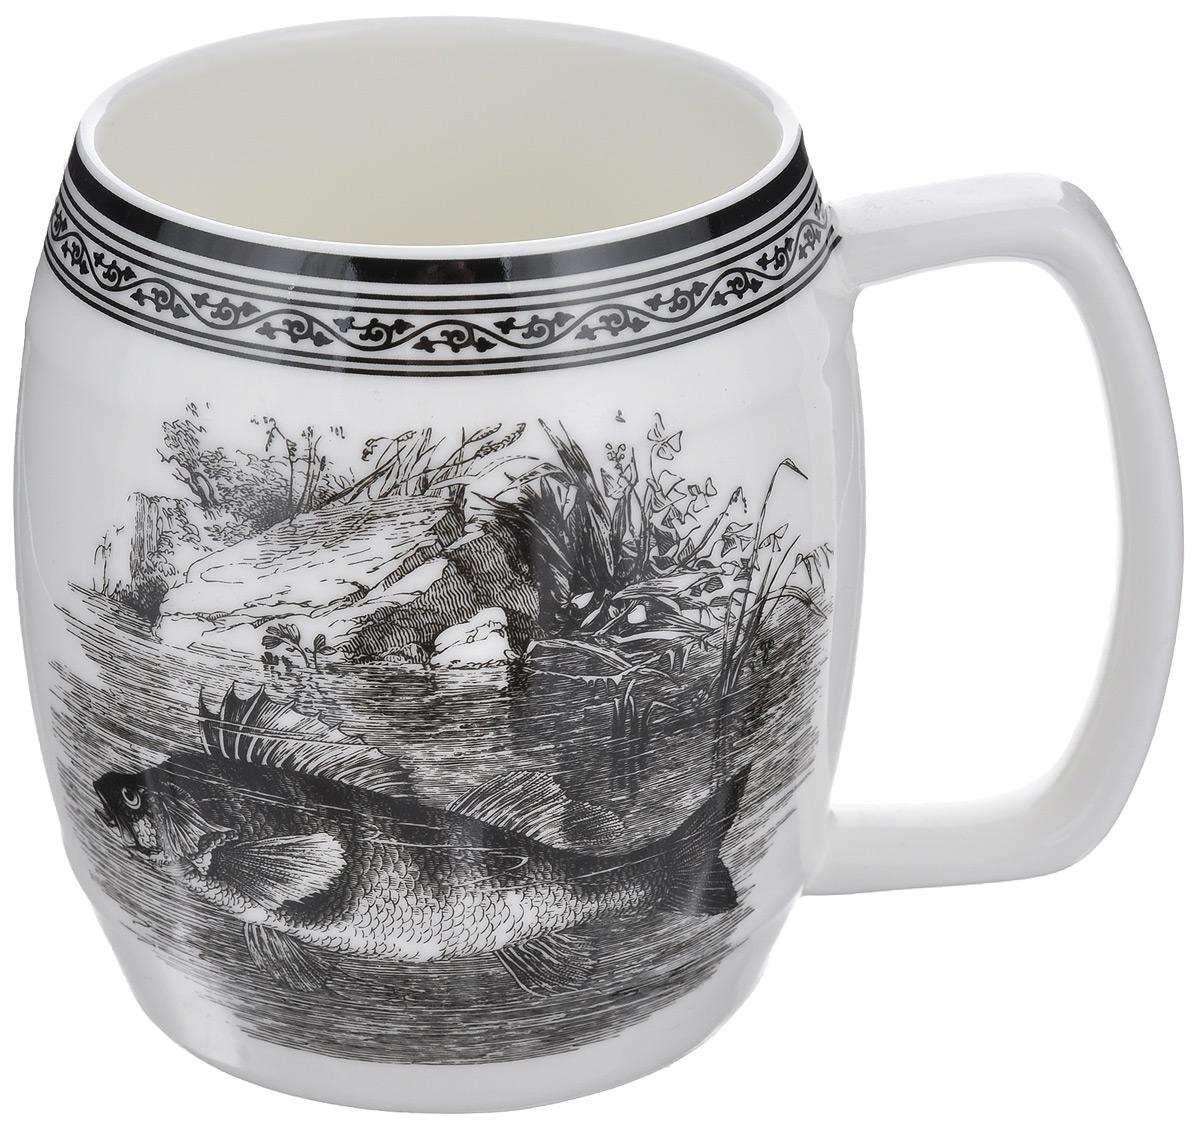 Кружка пивная Elan Gallery Удачная рыбалка, 700 мл530020Большая кружка Elan Gallery Удачная рыбалка, выполненная из керамики, станет оригинальным подарком любимым мужчинам! Идеальна для тех, кто предпочитает большие кружки, и для любителей чая, кофе и пенных напитков. Не рекомендуется применять абразивные моющие средства.Не использовать в микроволновой печи.